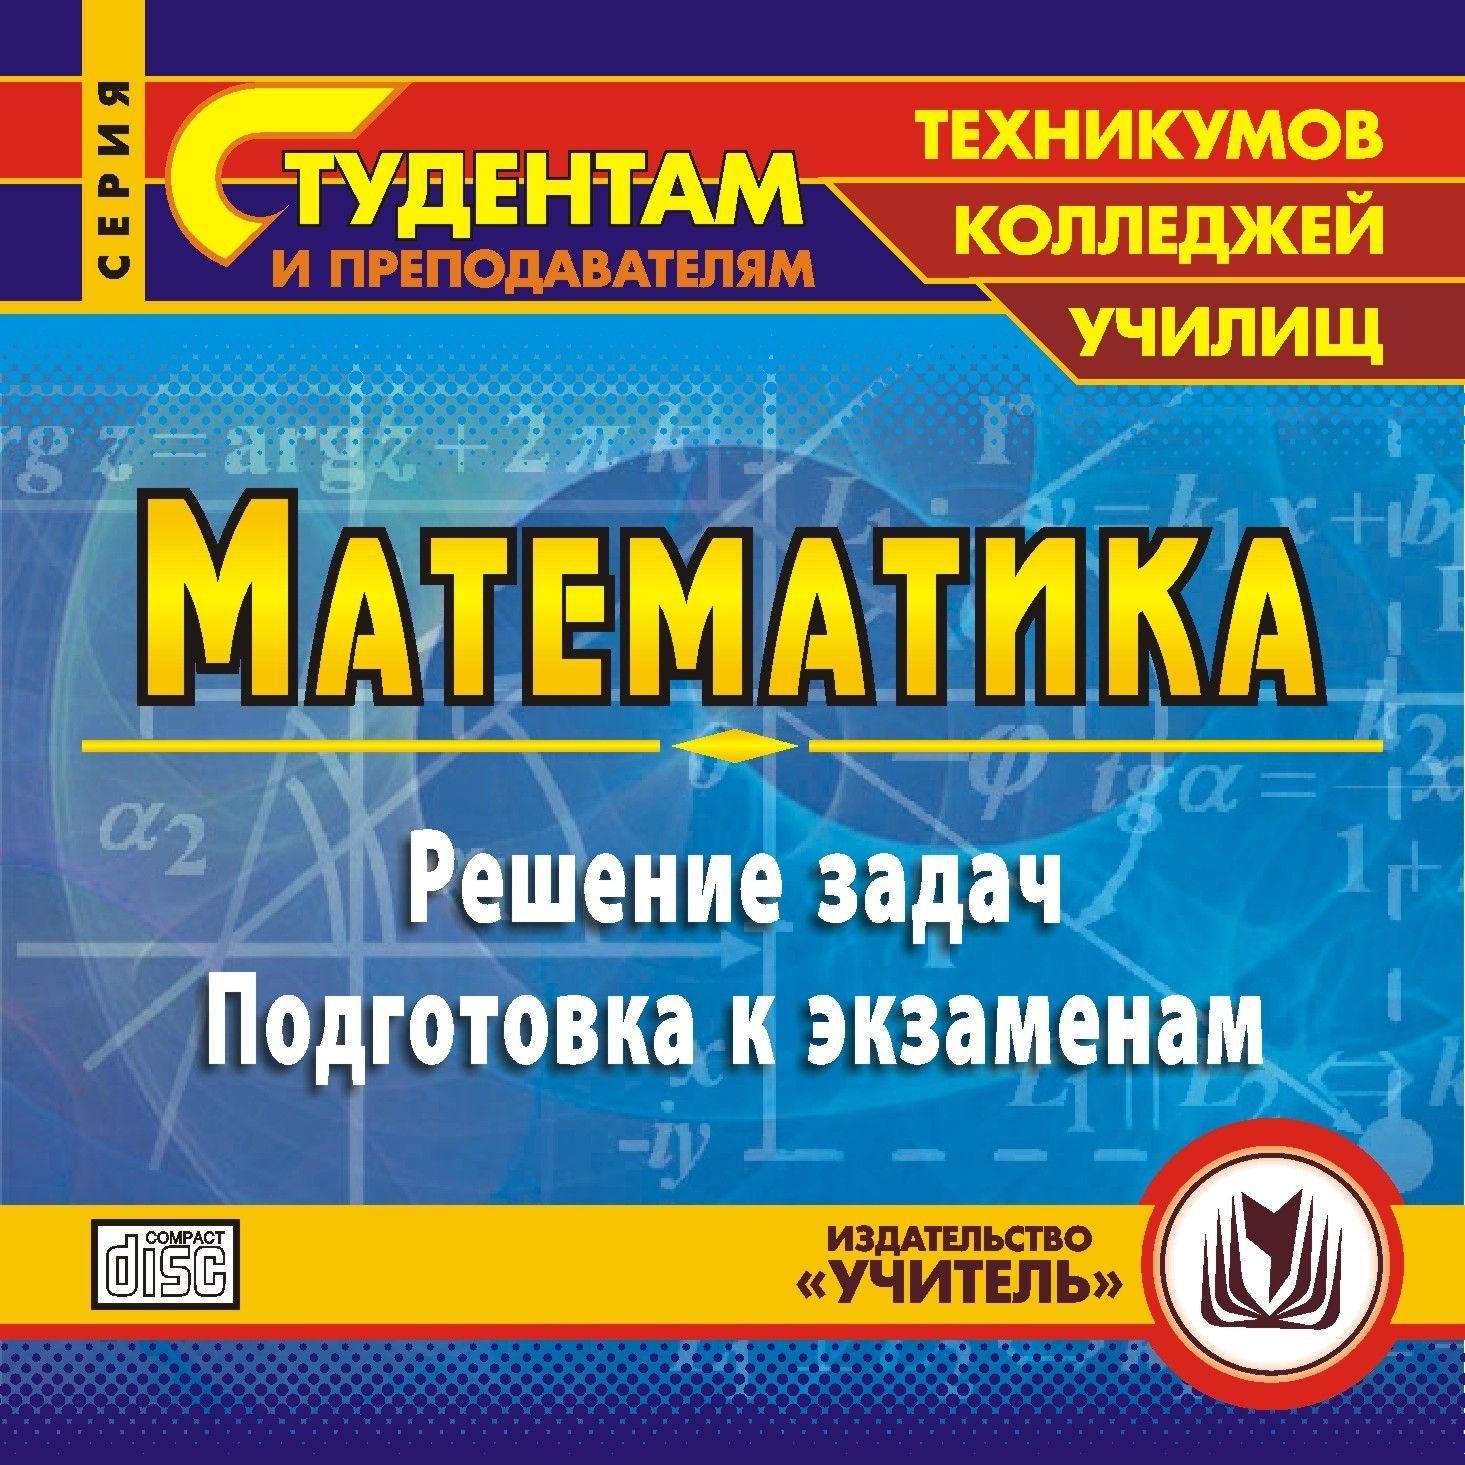 Купить со скидкой Математика. Теоретический и практический курсы для ССУЗов. Компакт-диск для компьютера: Решение зада